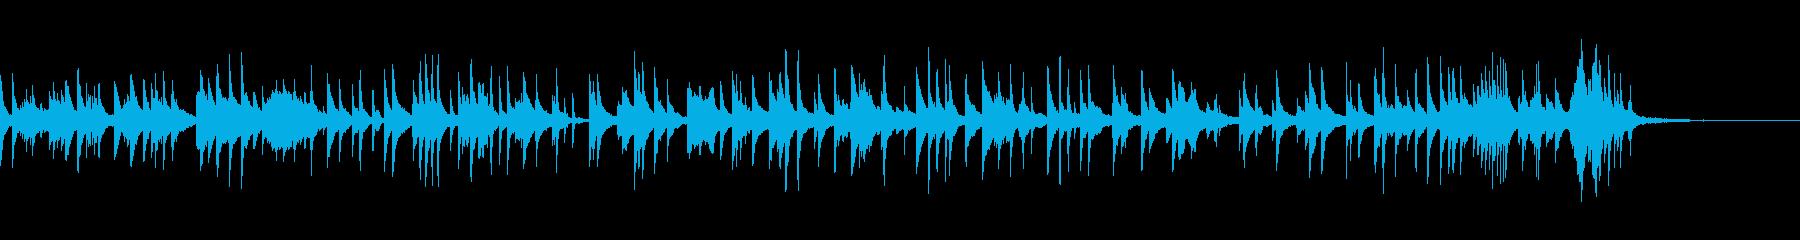 癒しのピアノソロ3の再生済みの波形